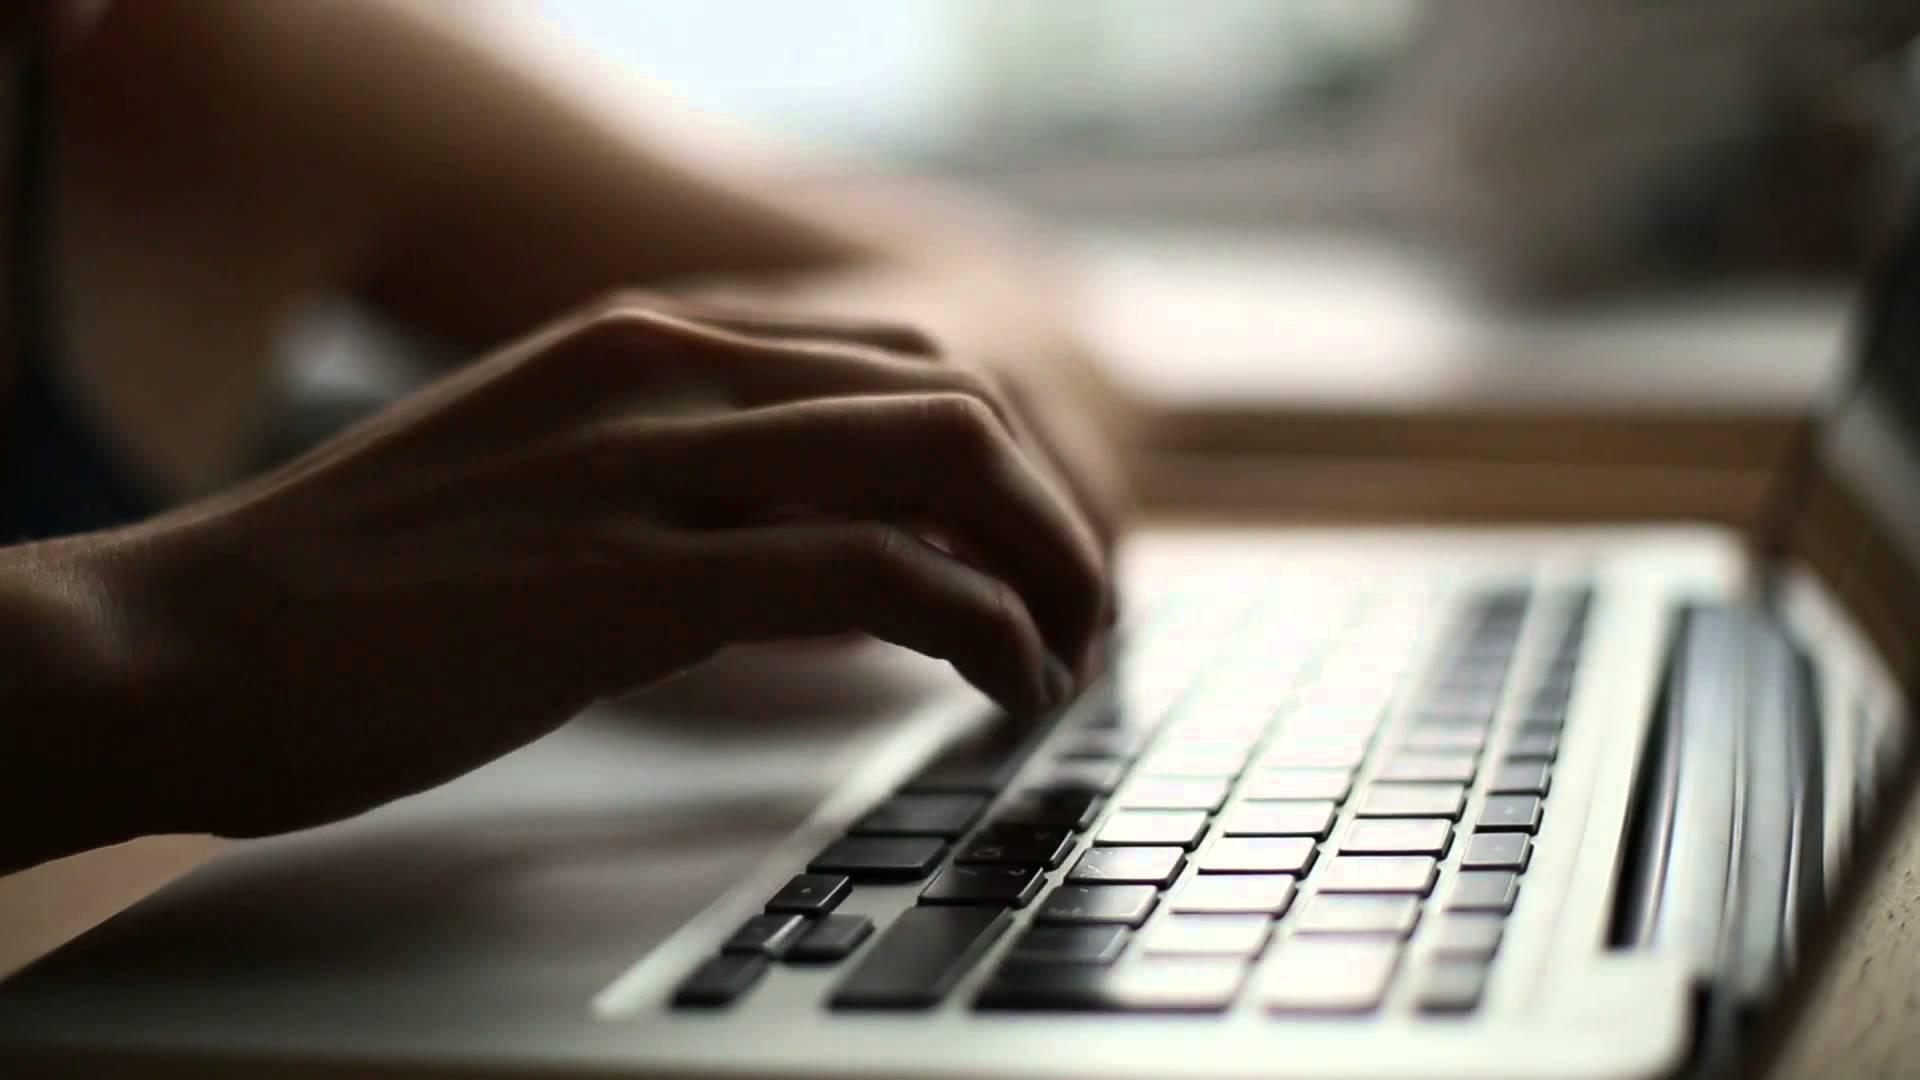 mao-digitando-no-teclado-do-computador